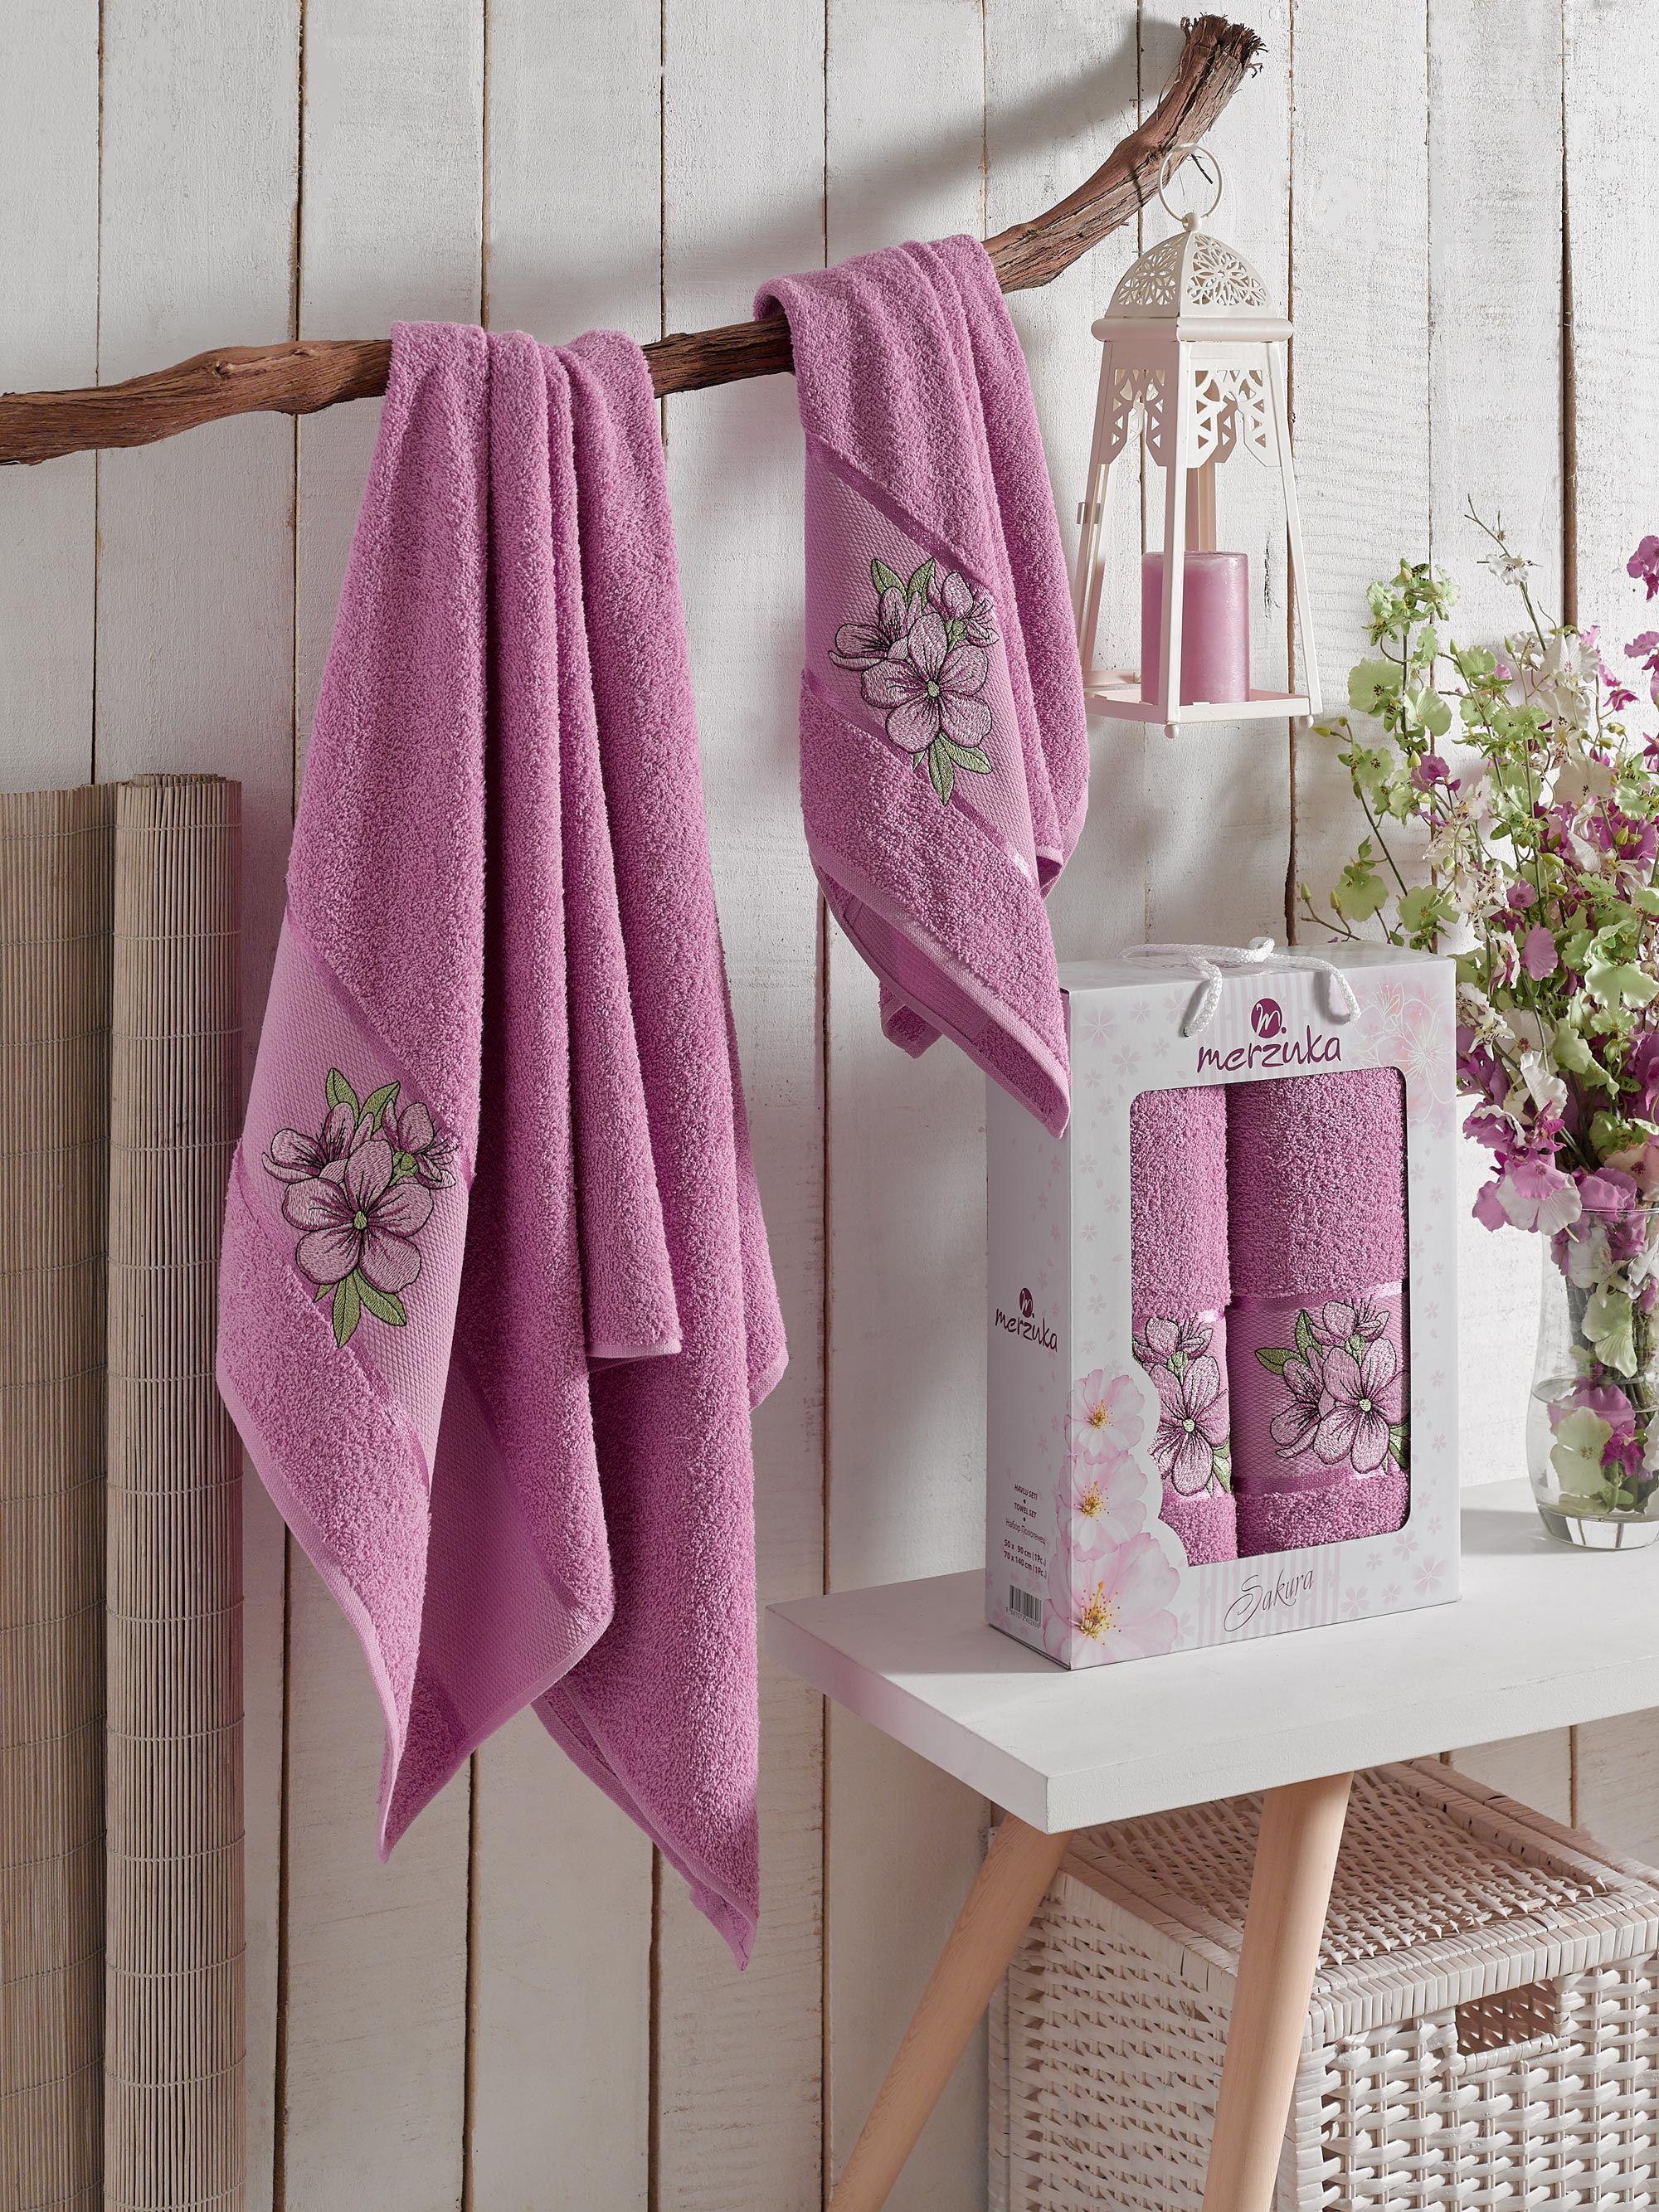 Полотенца Oran Merzuka Полотенце Cohen Цвет: Светло-Лиловый (50х80 см,70х130 см) полотенца oran merzuka полотенце sakura цвет светло лиловый набор